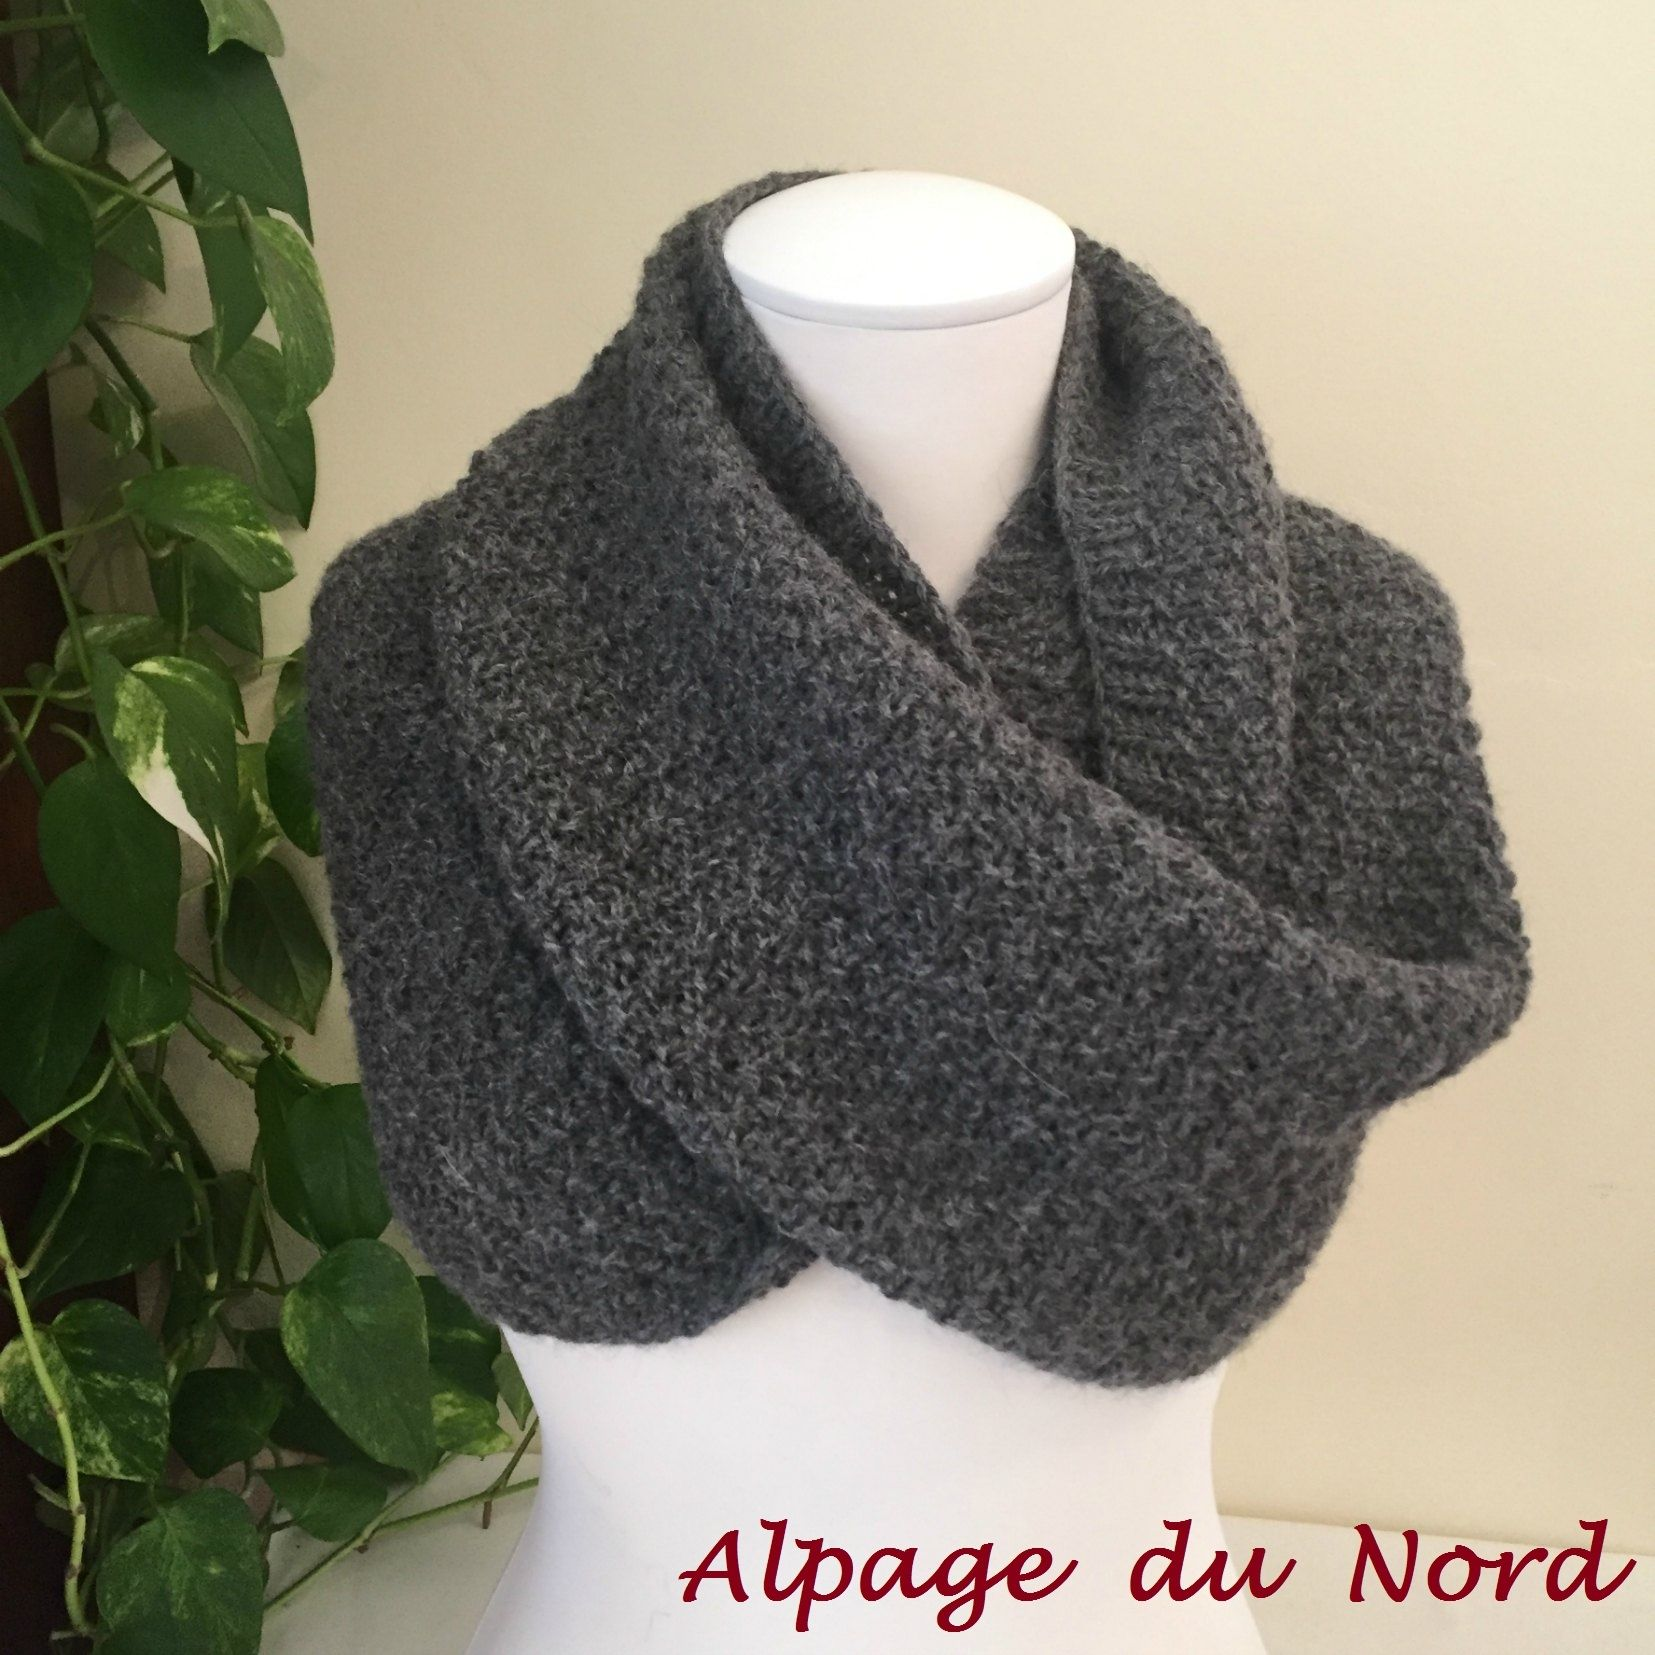 Alpage du Nord - Boutique Tout en finesse : Châle, laine, alpagas, douceur